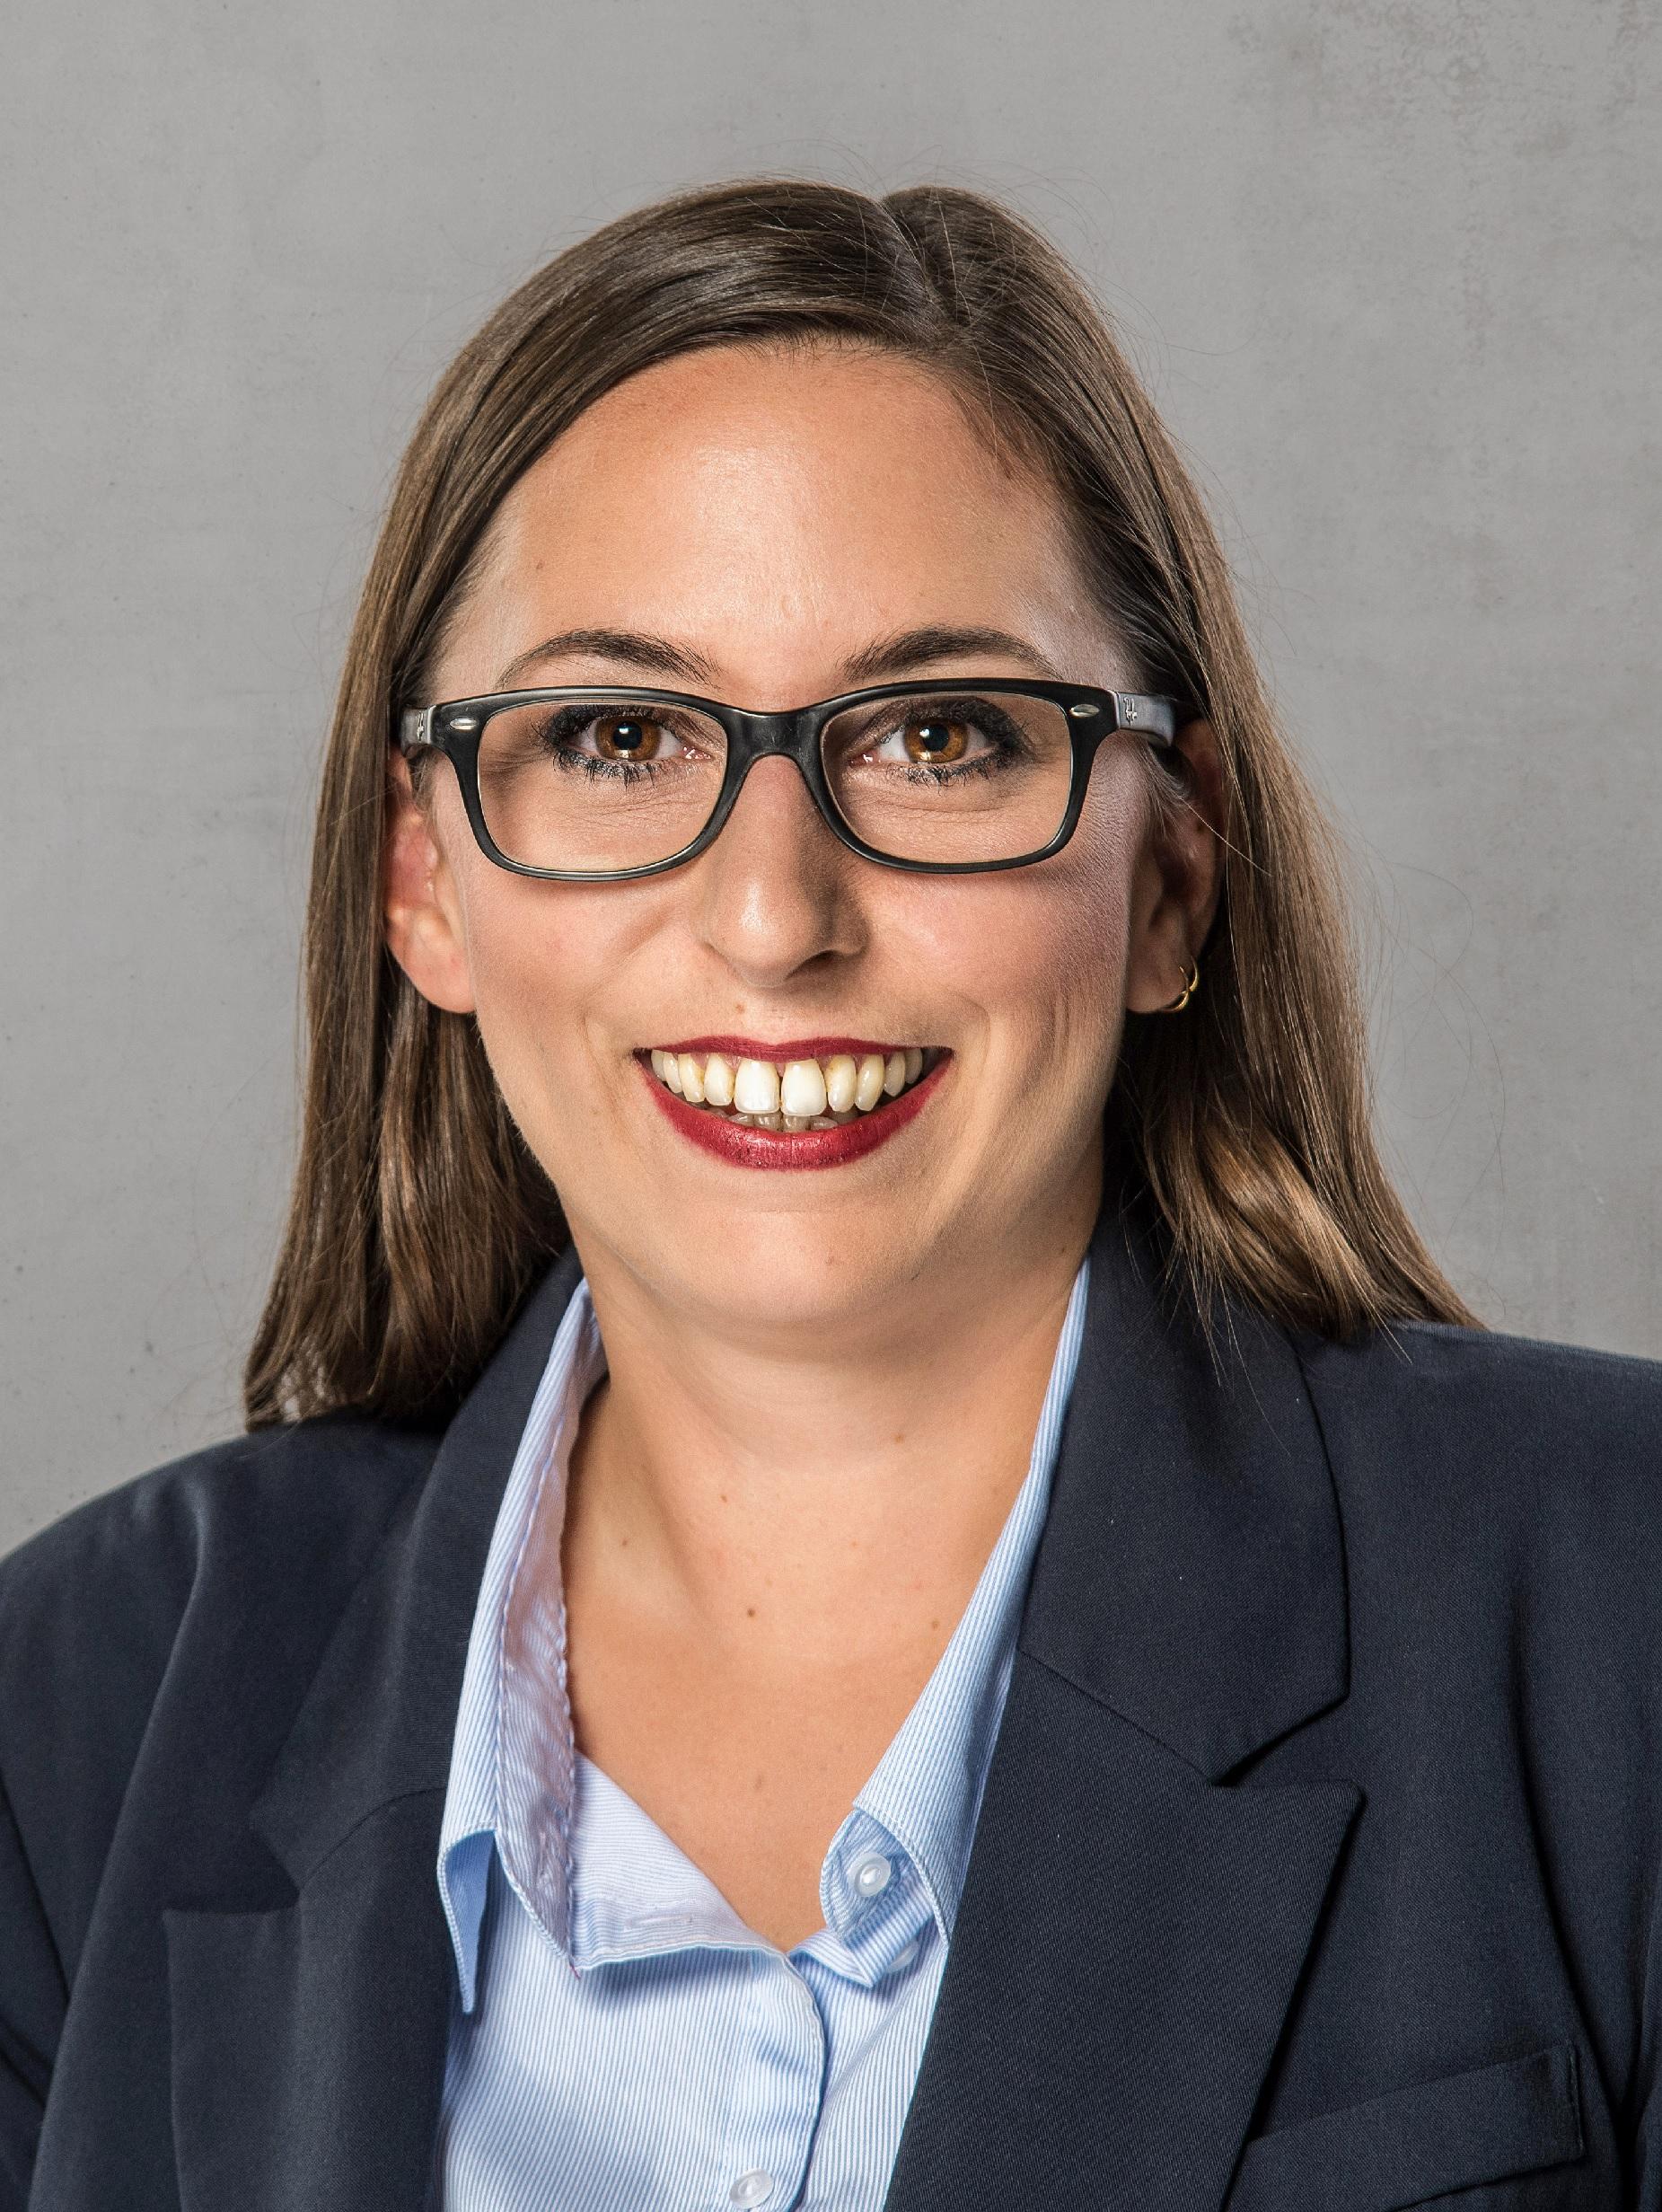 Cindy Huhn